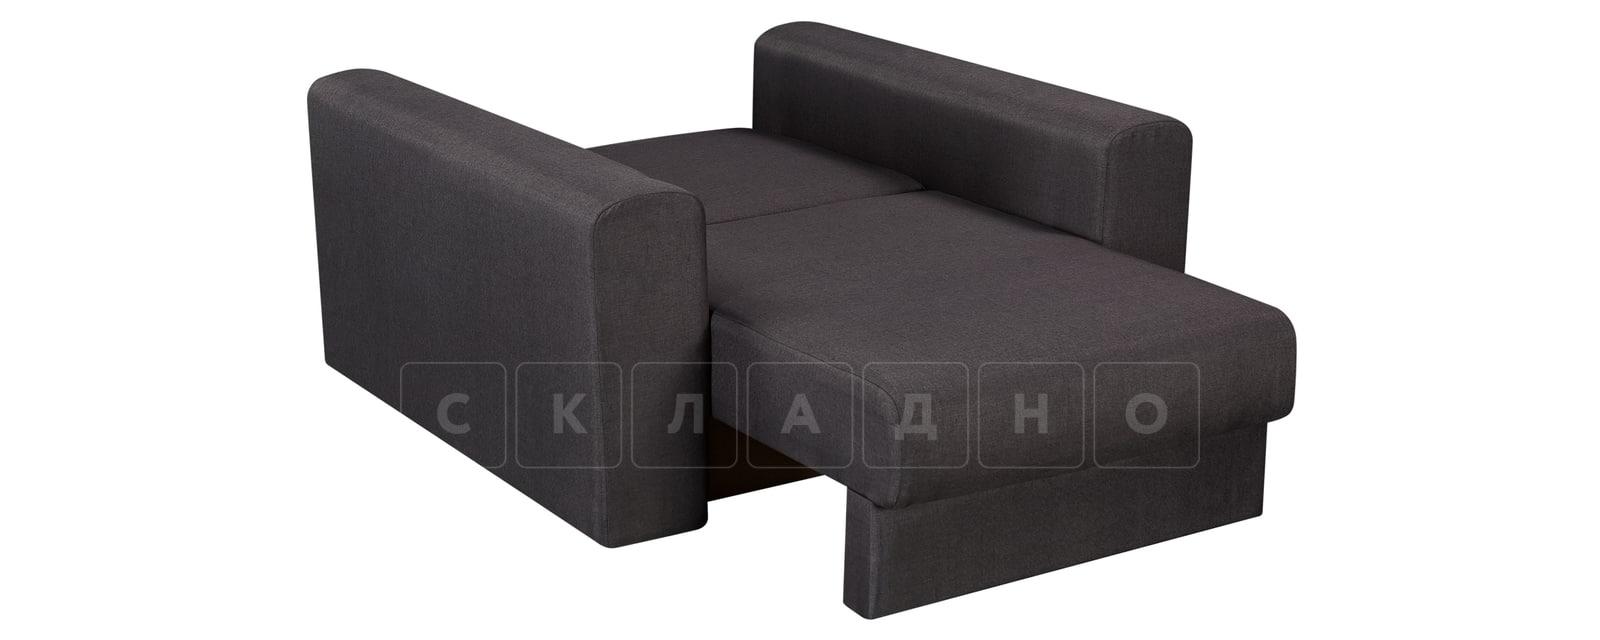 Кресло Медисон 80см темно-серого цвета фото 4 | интернет-магазин Складно